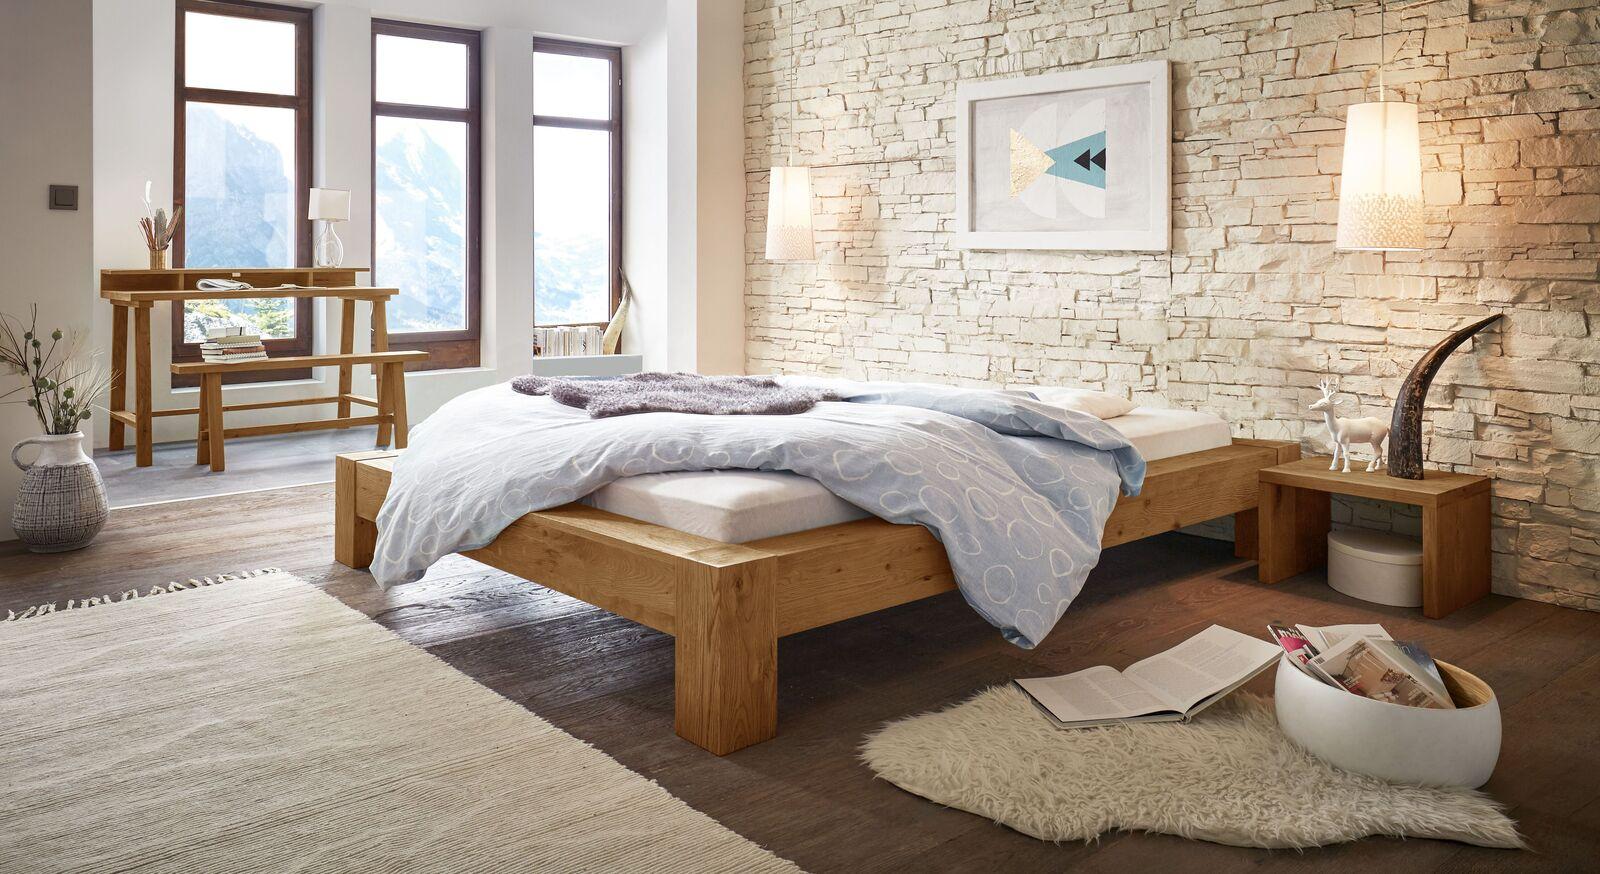 Liege Rustico mit passenden Schlafzimmermöbeln